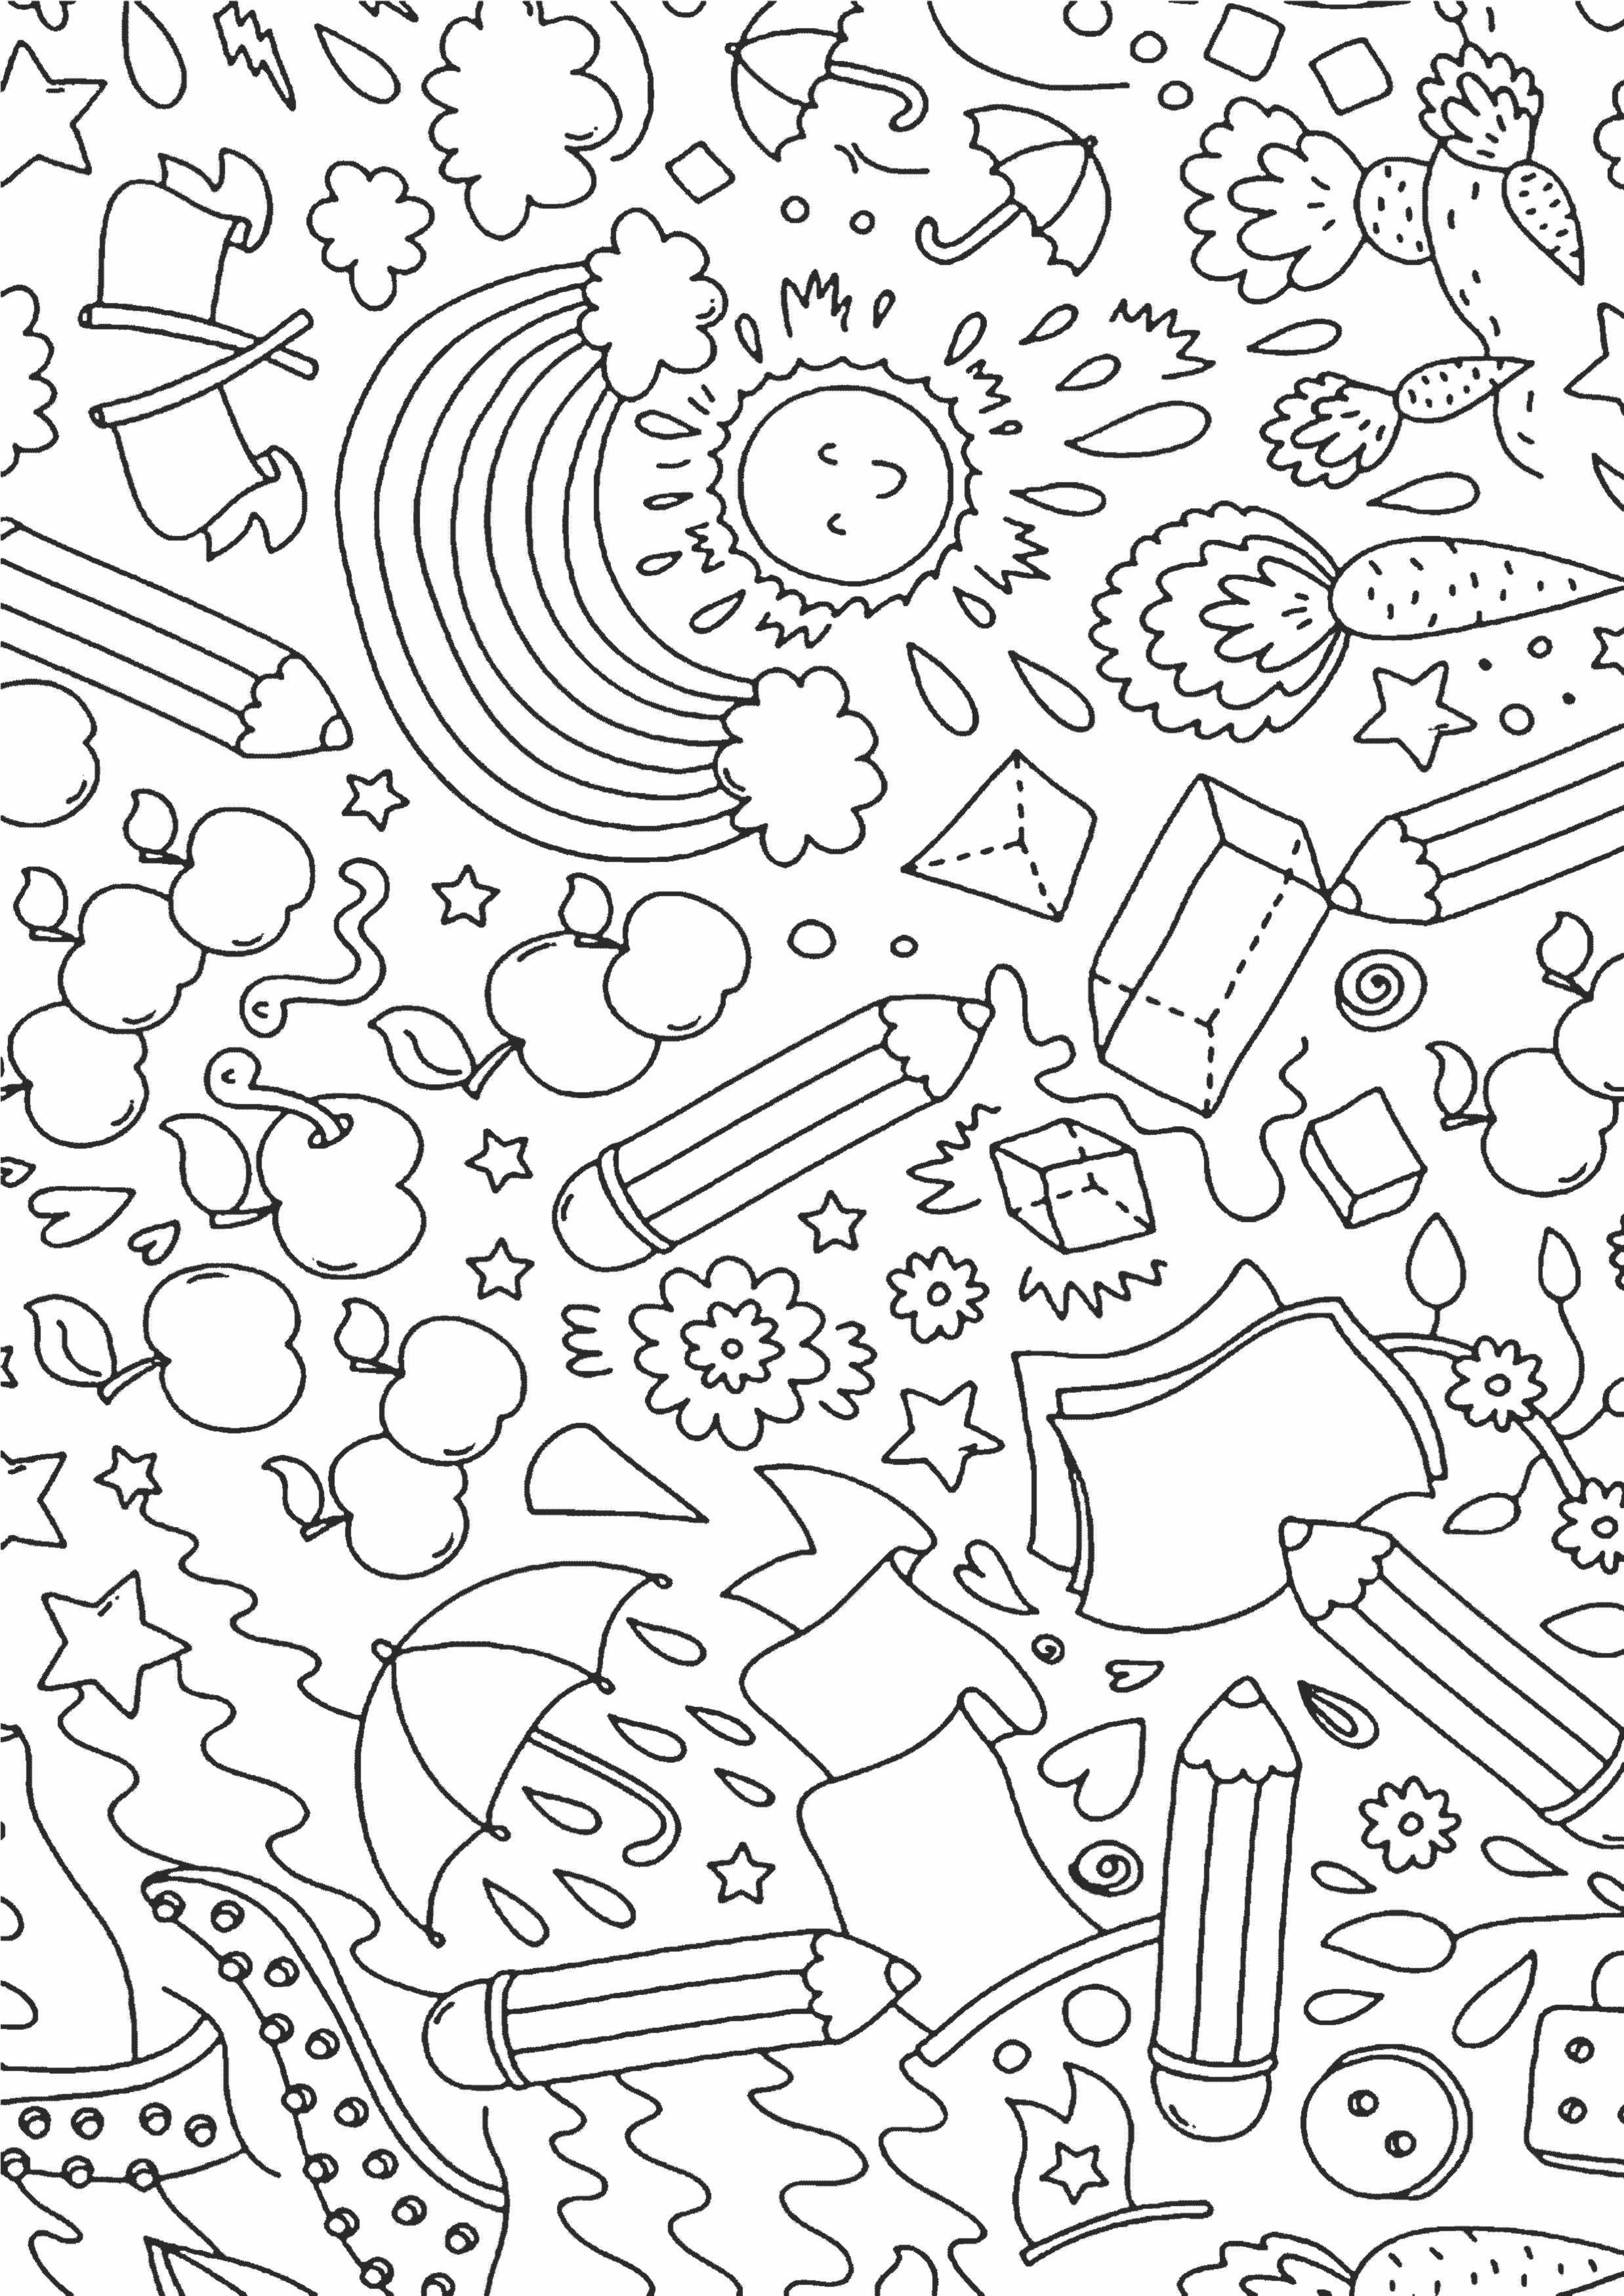 простая раскраска антистресс для детей раскраски а4